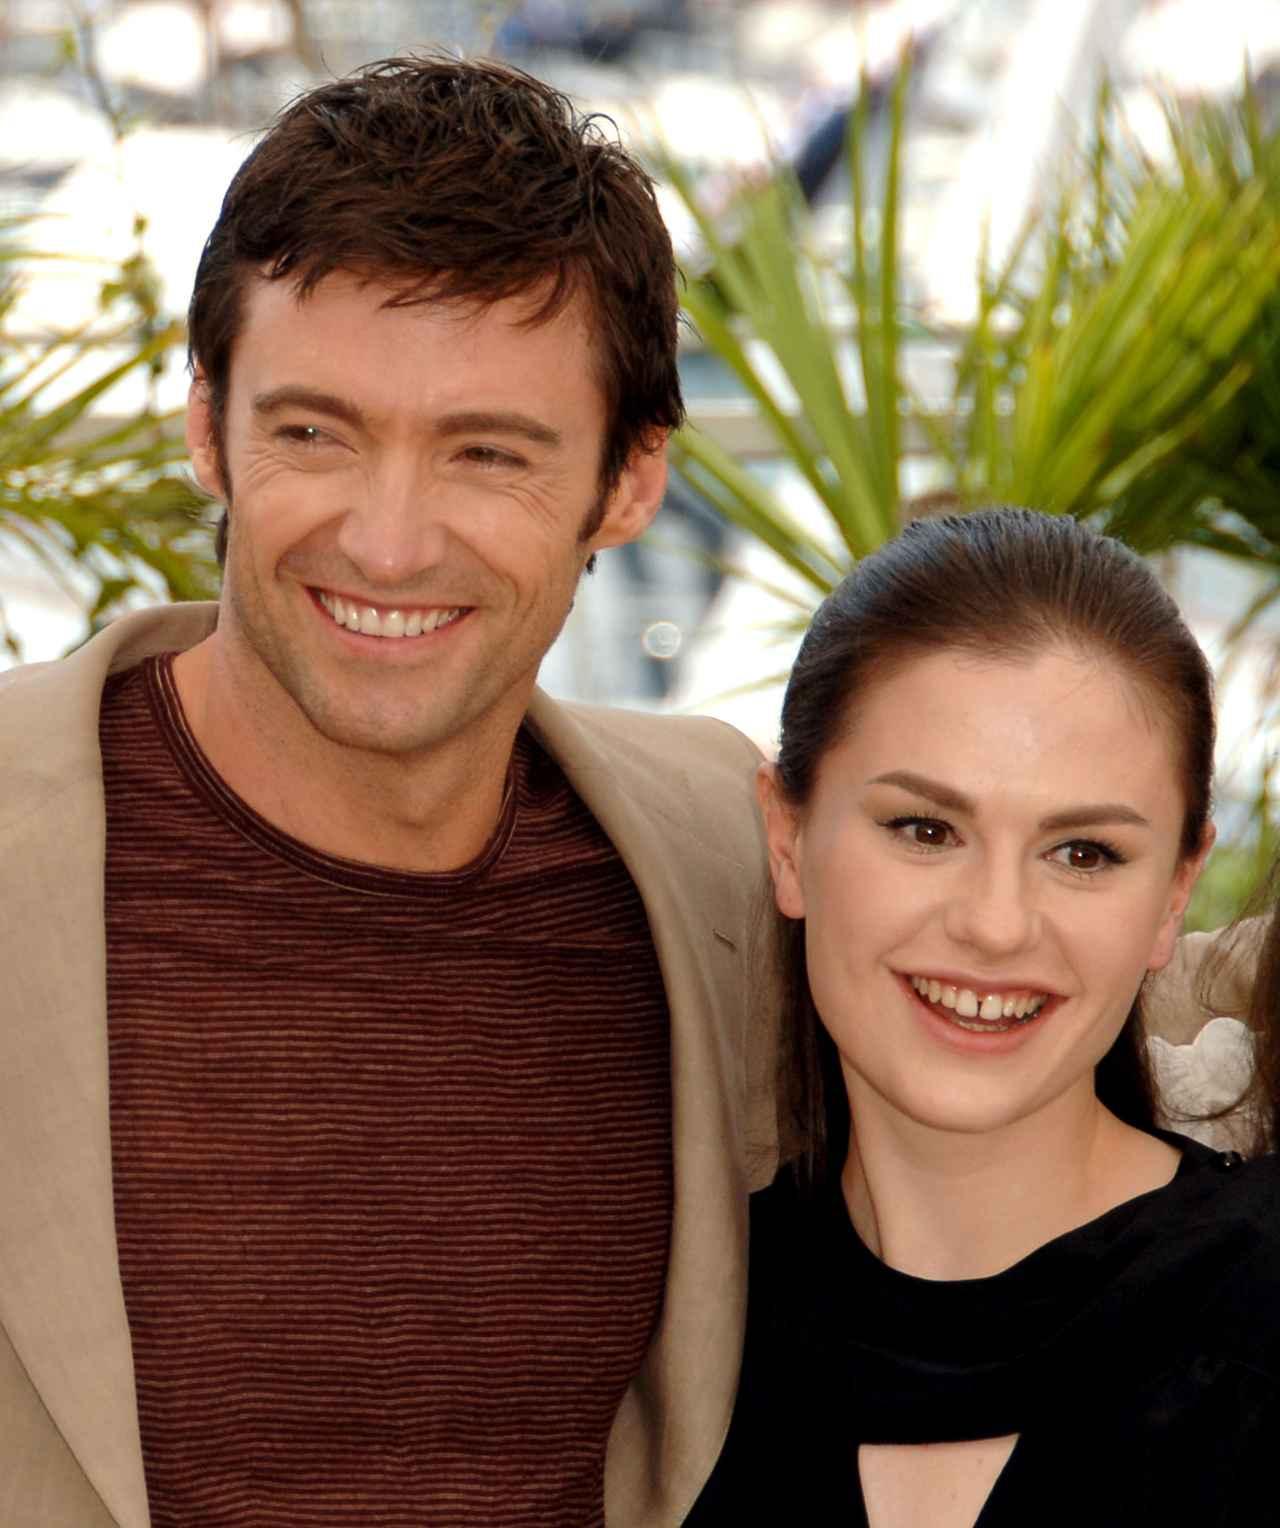 画像: 2006年、カンヌ国際映画祭に共に出席したヒュー・ジャックマンとアンナ・パキン。